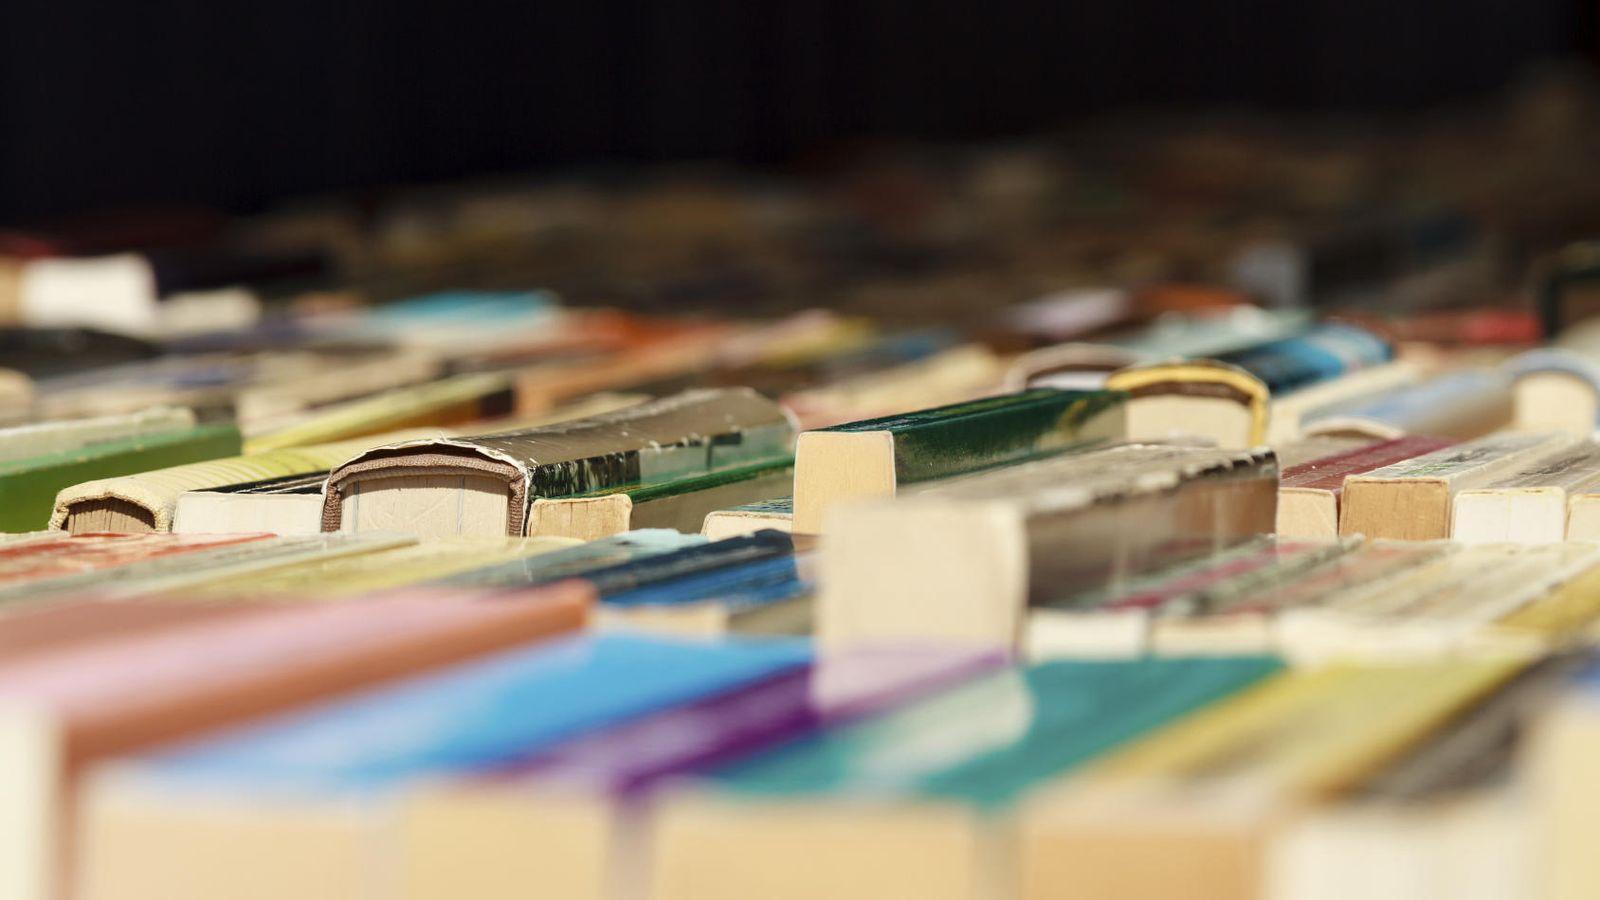 Libros: Los 11 libros más leídos de la historia. Uno es la